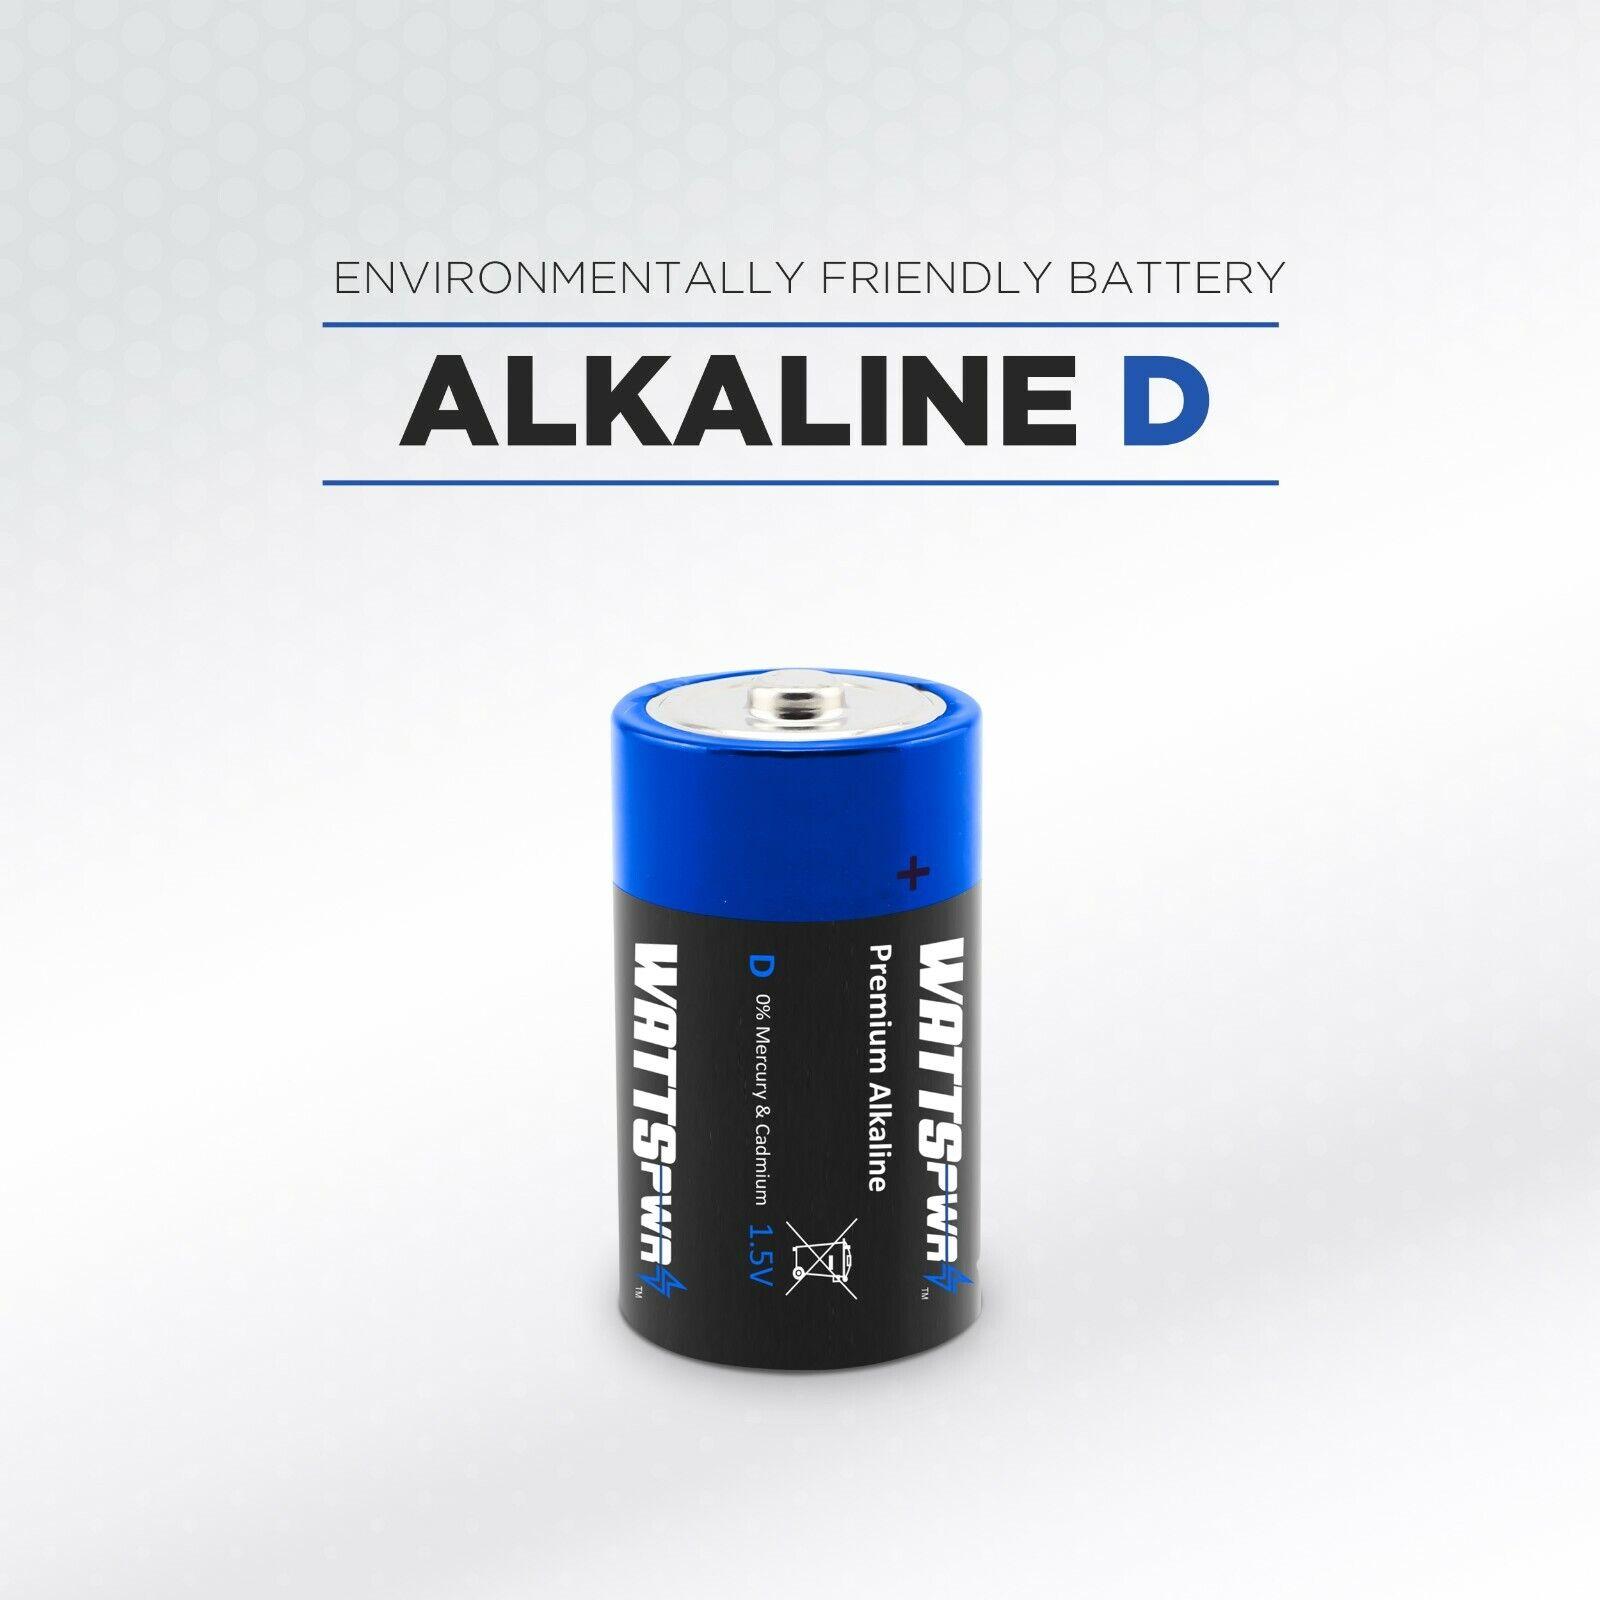 WATTSPOWER D Batteries, Alkaline (6,18,24 Battery Count)